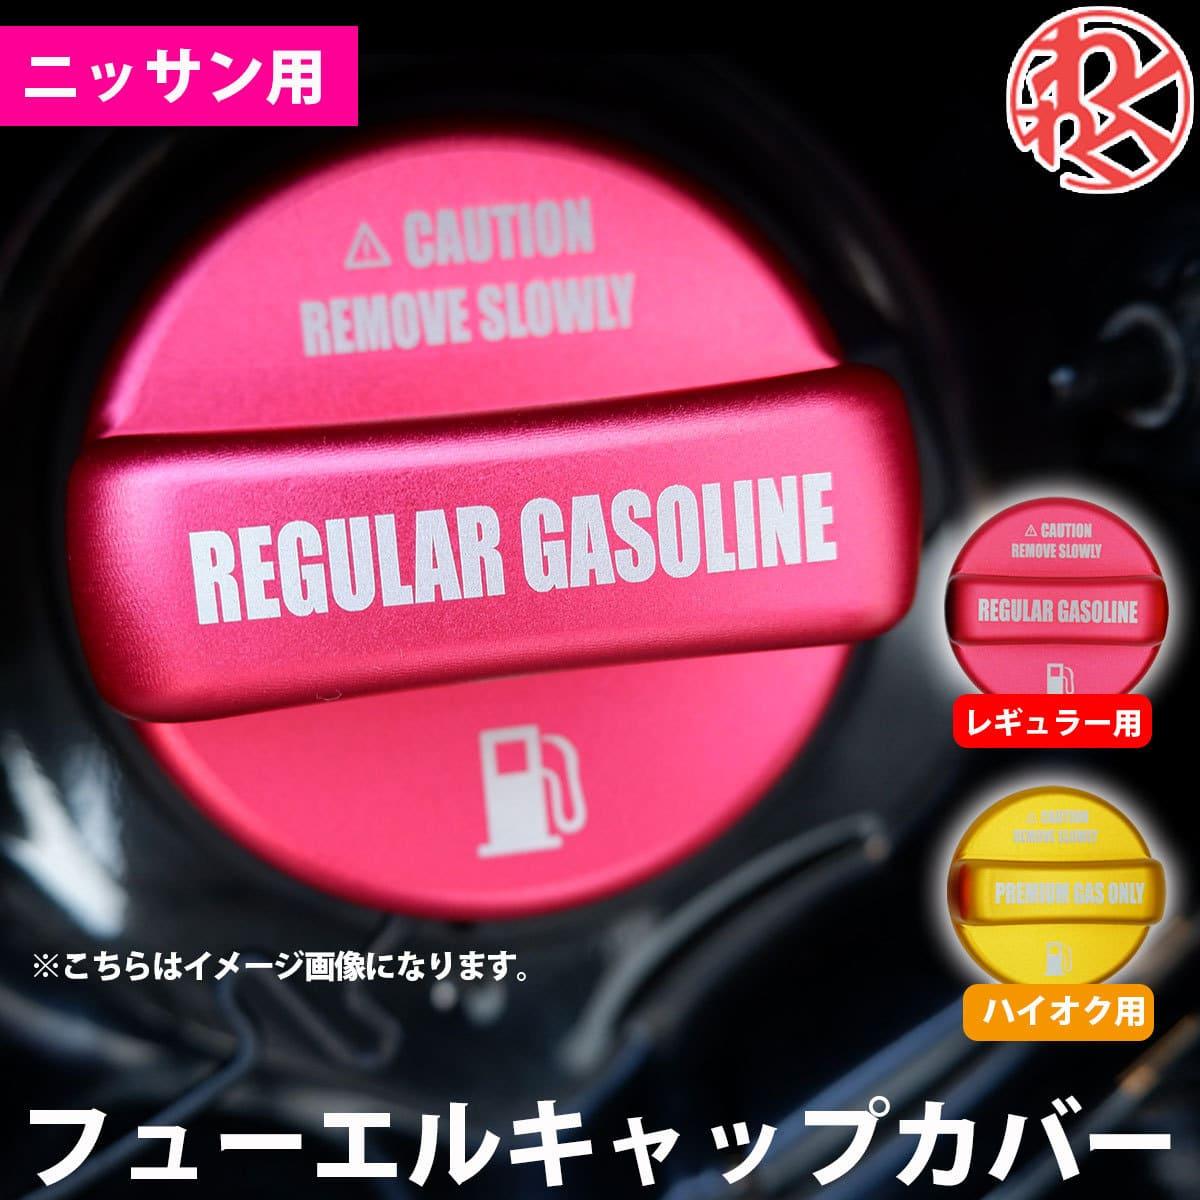 スズキ スイフトスポーツ用 新色追加して再販 給油口キャップを簡単ドレスアップ スイフトスポーツ ZC33S フューエルキャップカバー 給油口キャップ わくわくファイネスト カスタム ドレスアップ 百貨店 ガソリンタンクキャップ